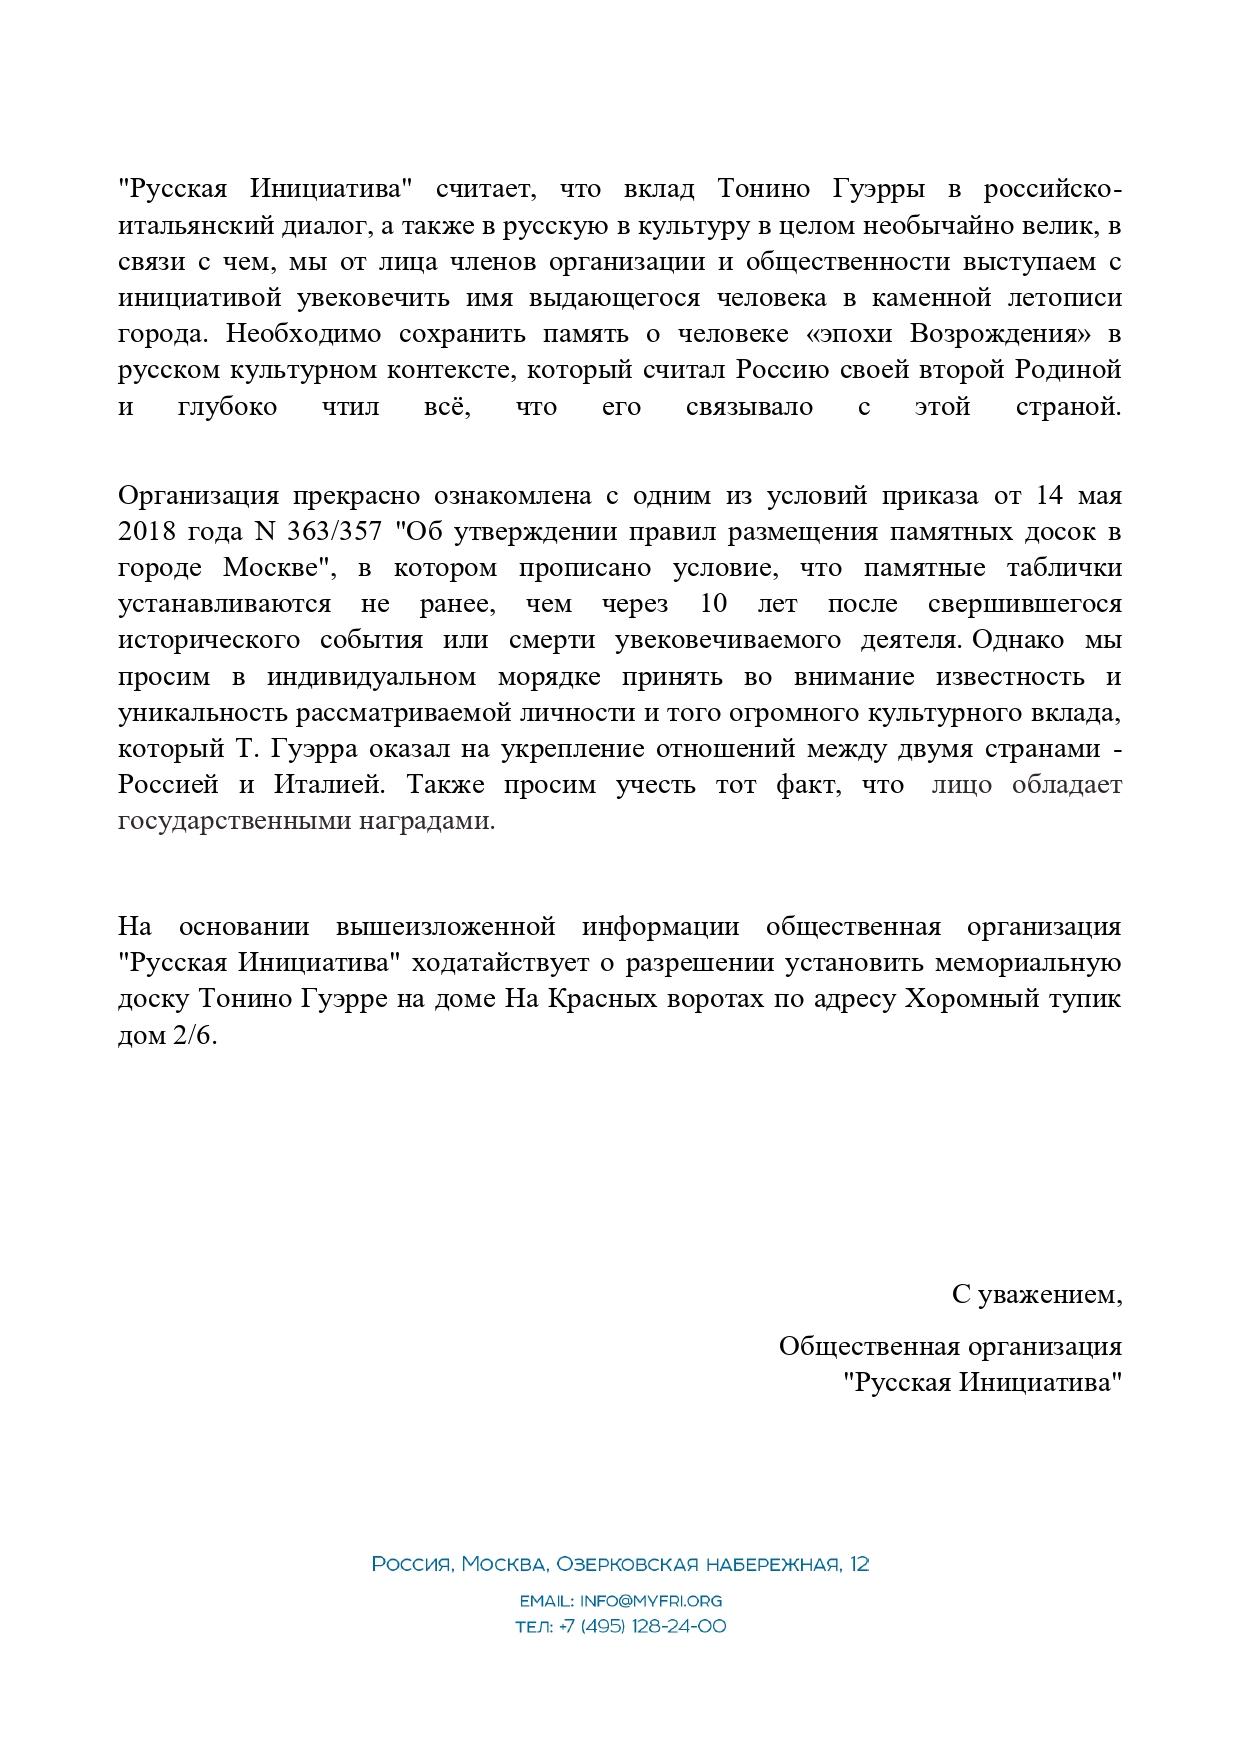 Обращение в Мосгорнаследие по установлению памятной таблички Т. Гуэрра_pages-to-jpg-0004